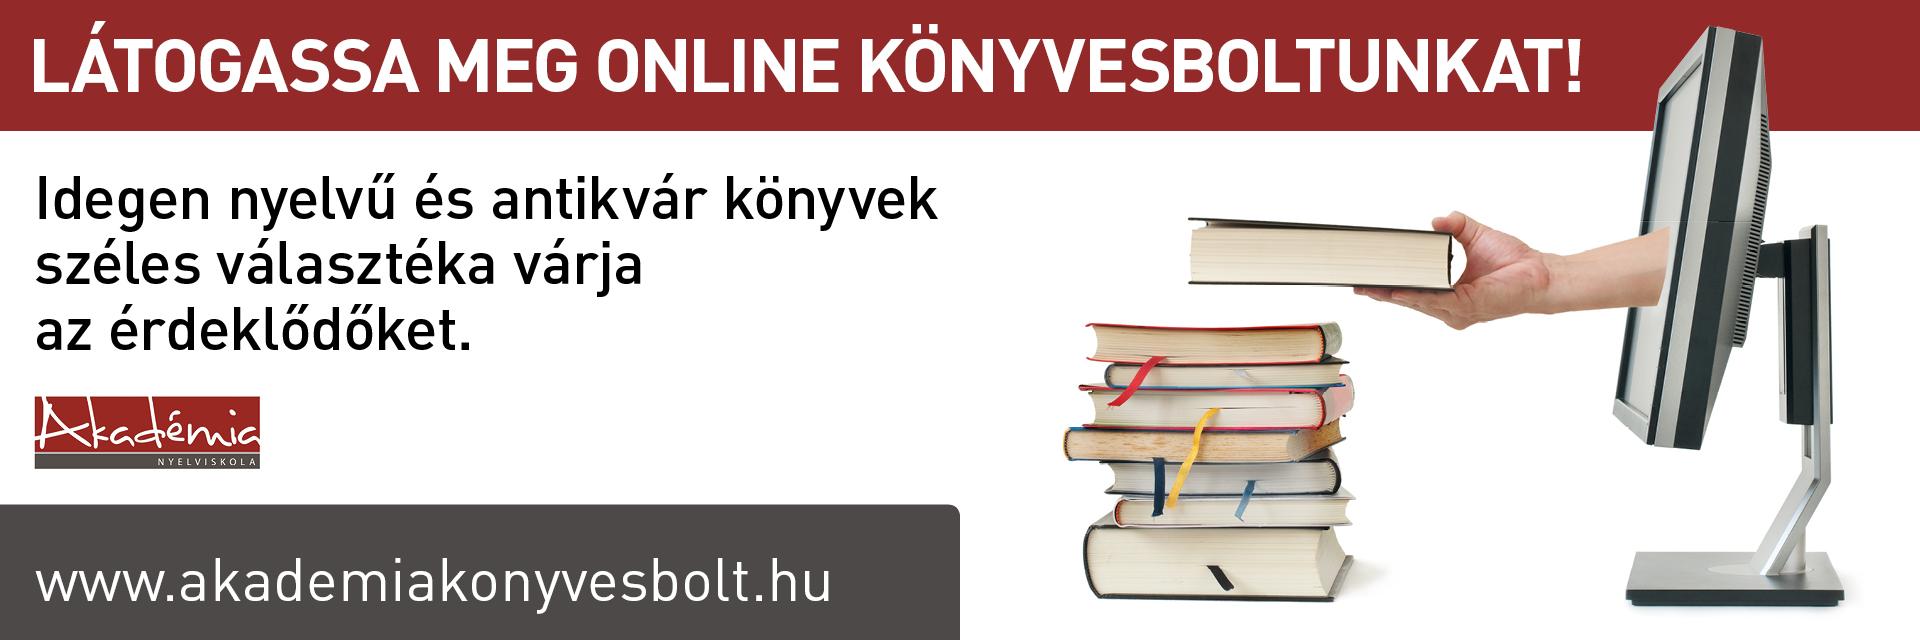 Akadémia Nyelviskola könyvesbolt